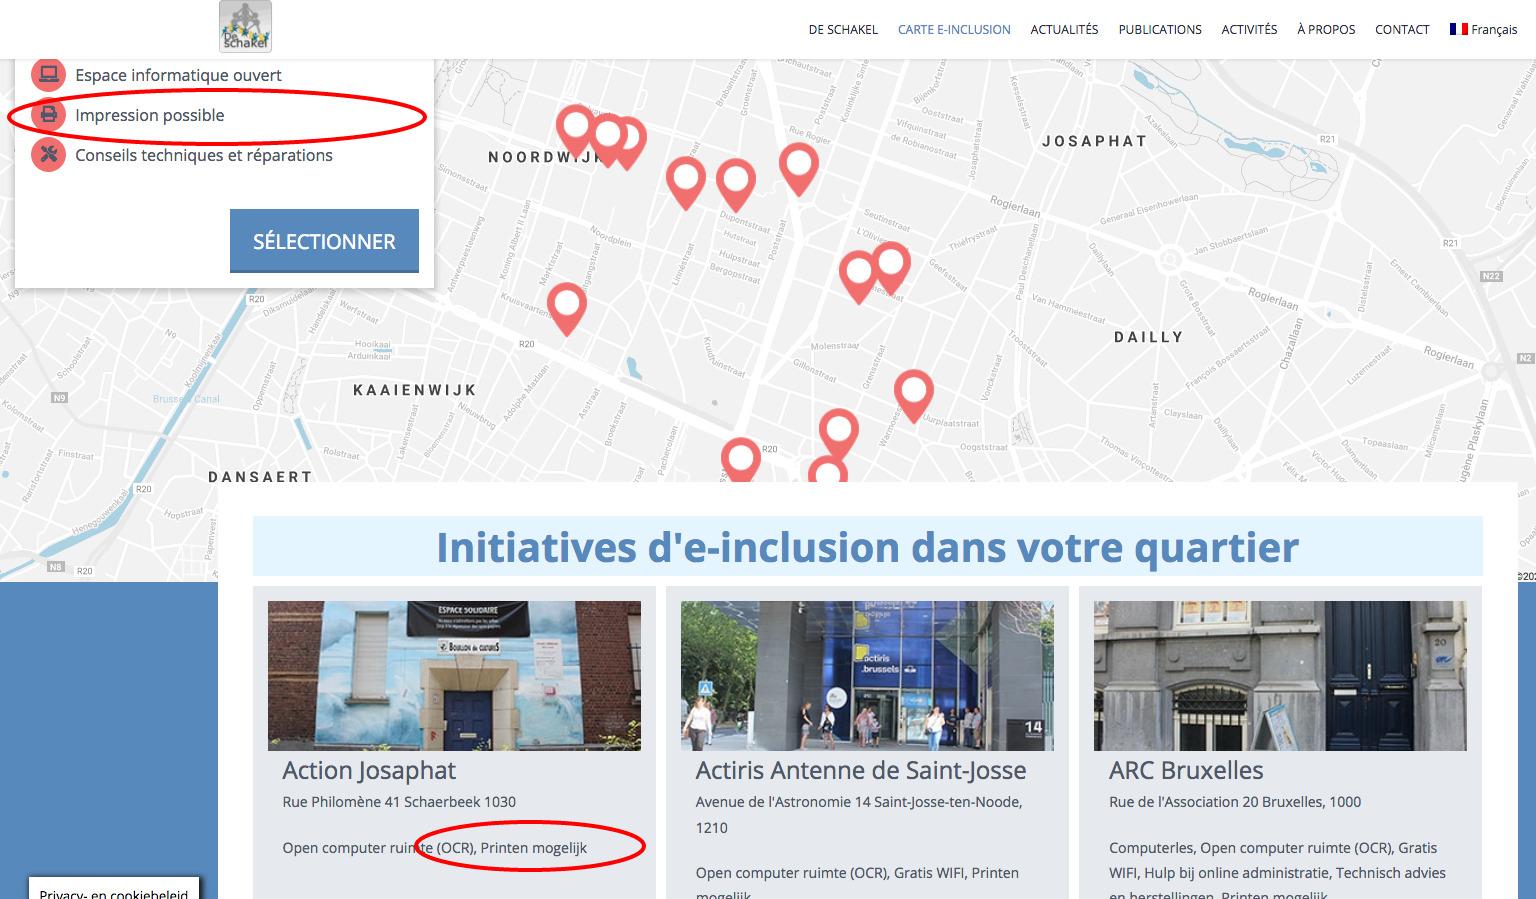 Carte e inclusion – De Schakel.jpg